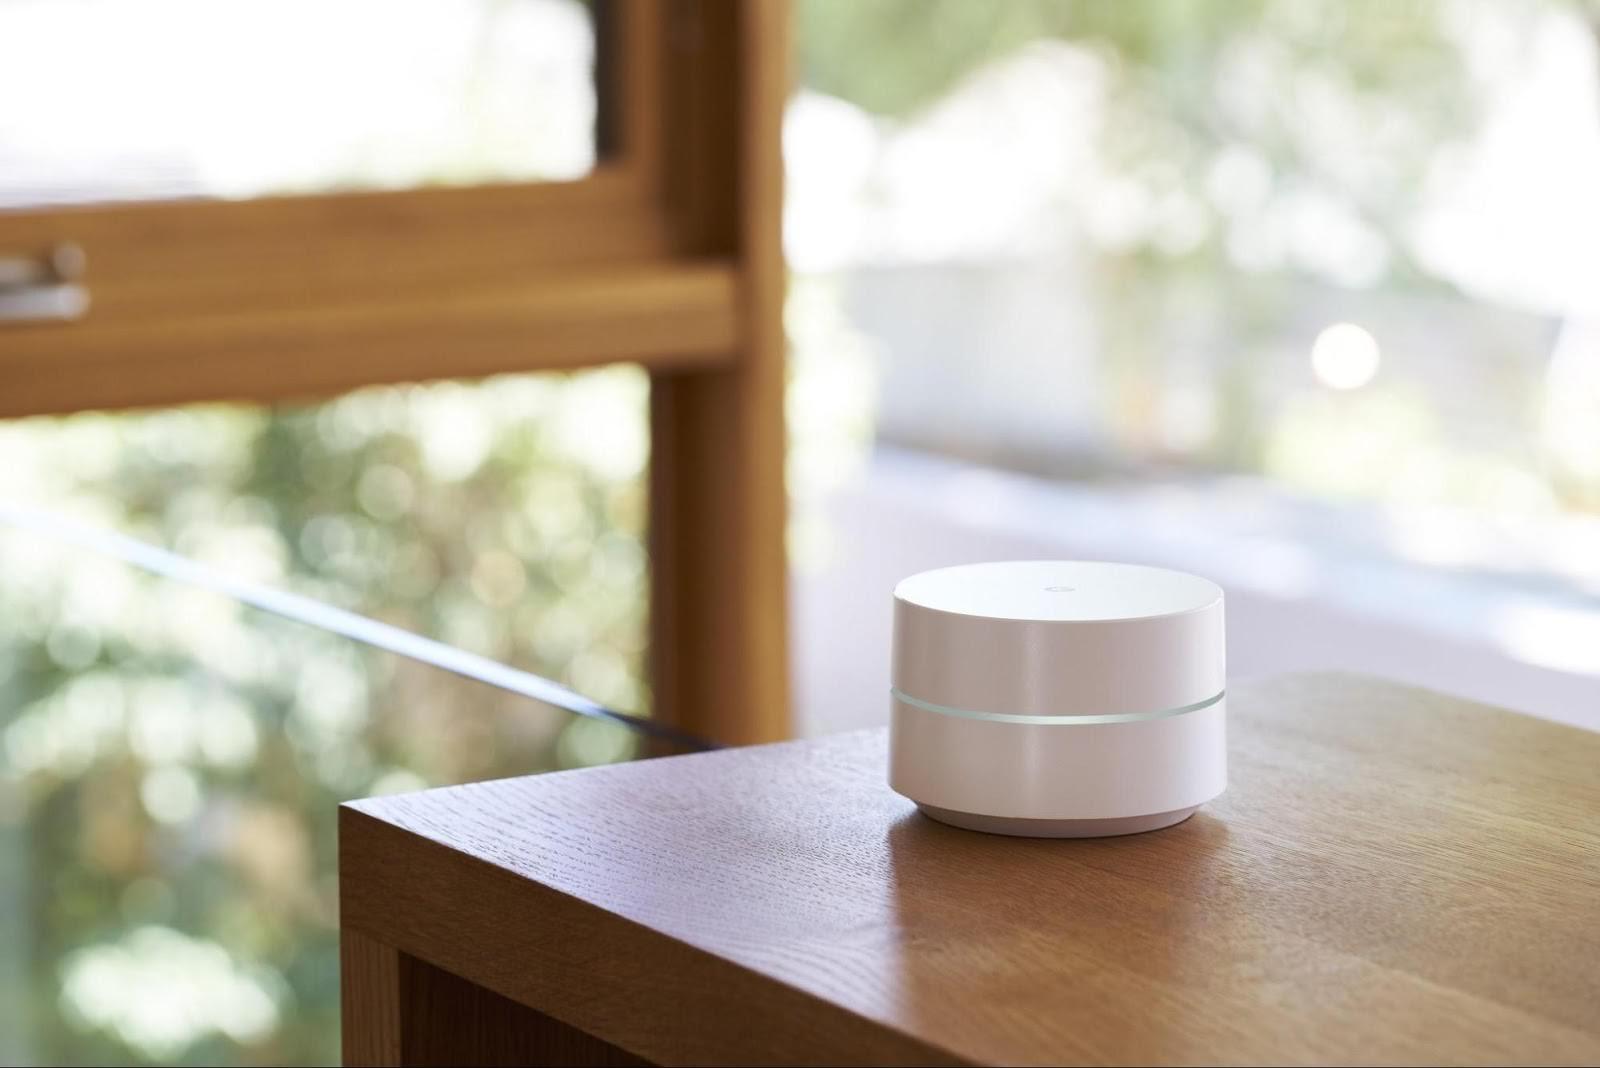 「Google Wifi」4月26日より発売開始、価格は15,000円